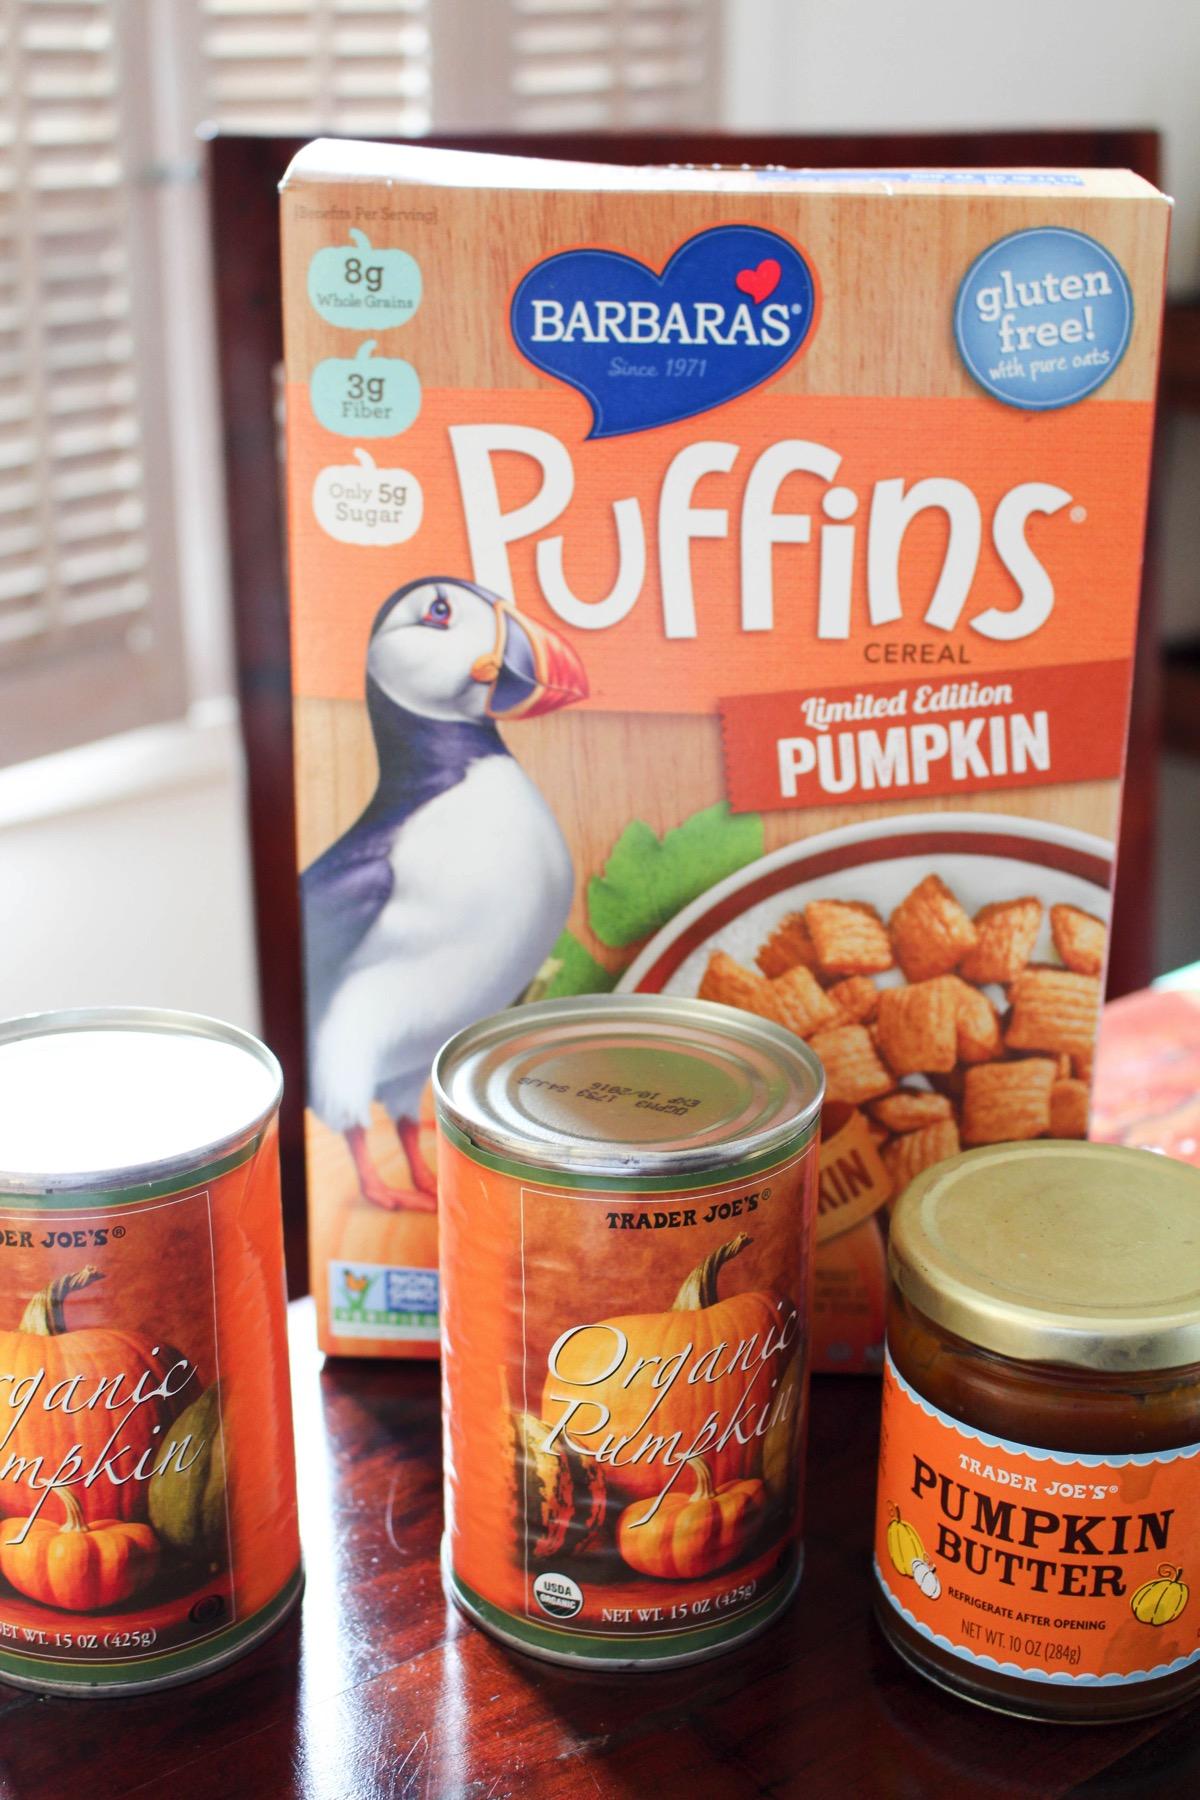 Trader Joe's pumpkin goods--Pumpkin Puffins, Canned Pumpkin and Pumpkin butter